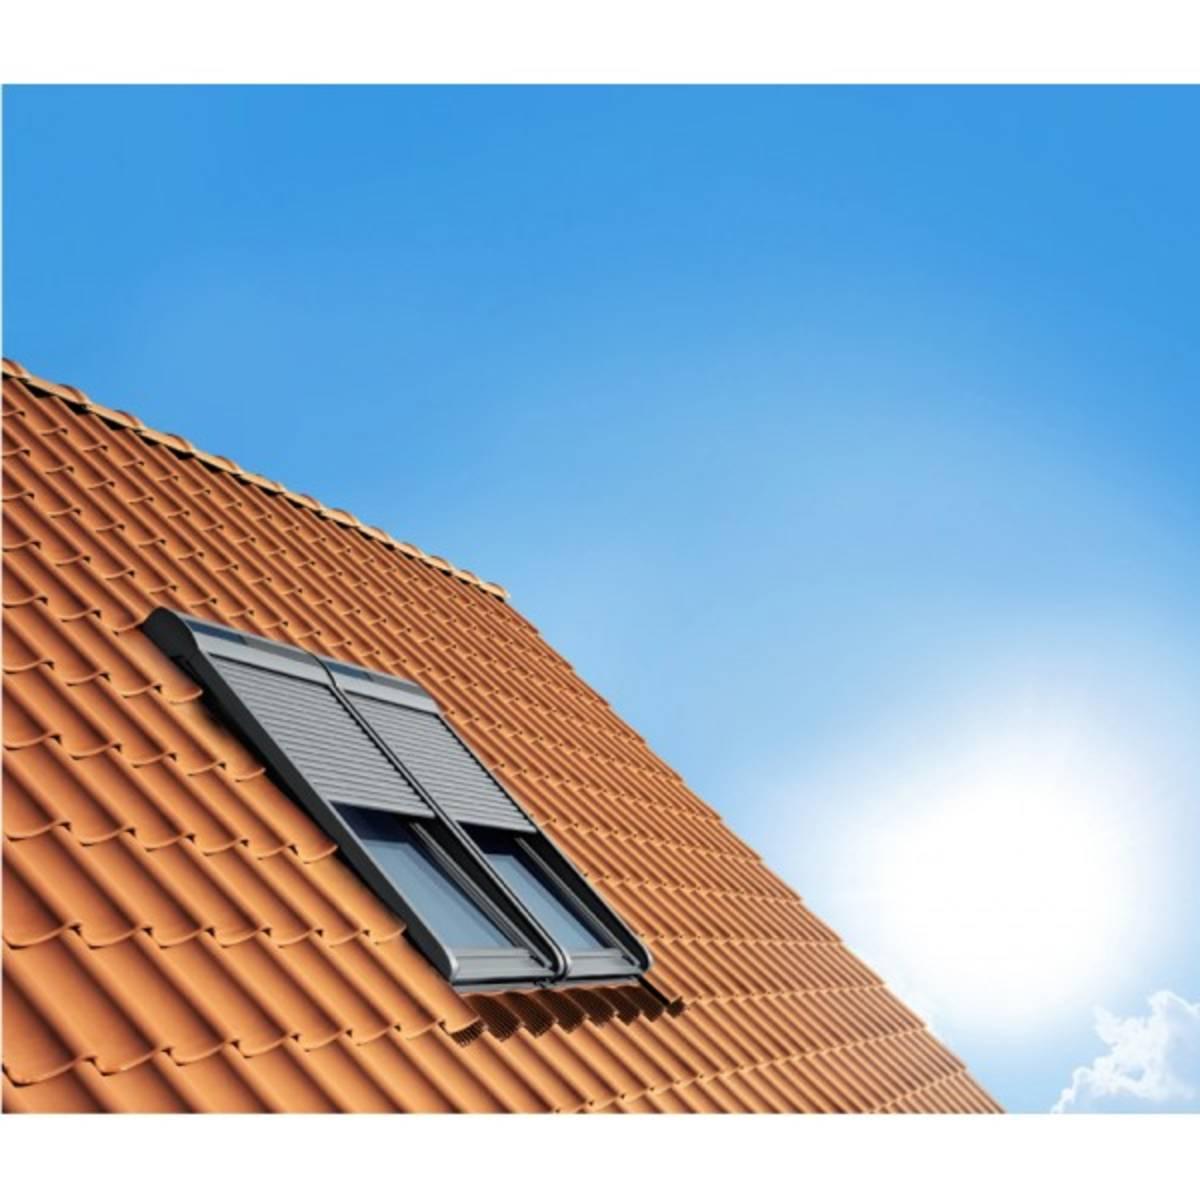 volet roulant solaire velux ssl mk04 78x98 cm mba bois et construction durable. Black Bedroom Furniture Sets. Home Design Ideas